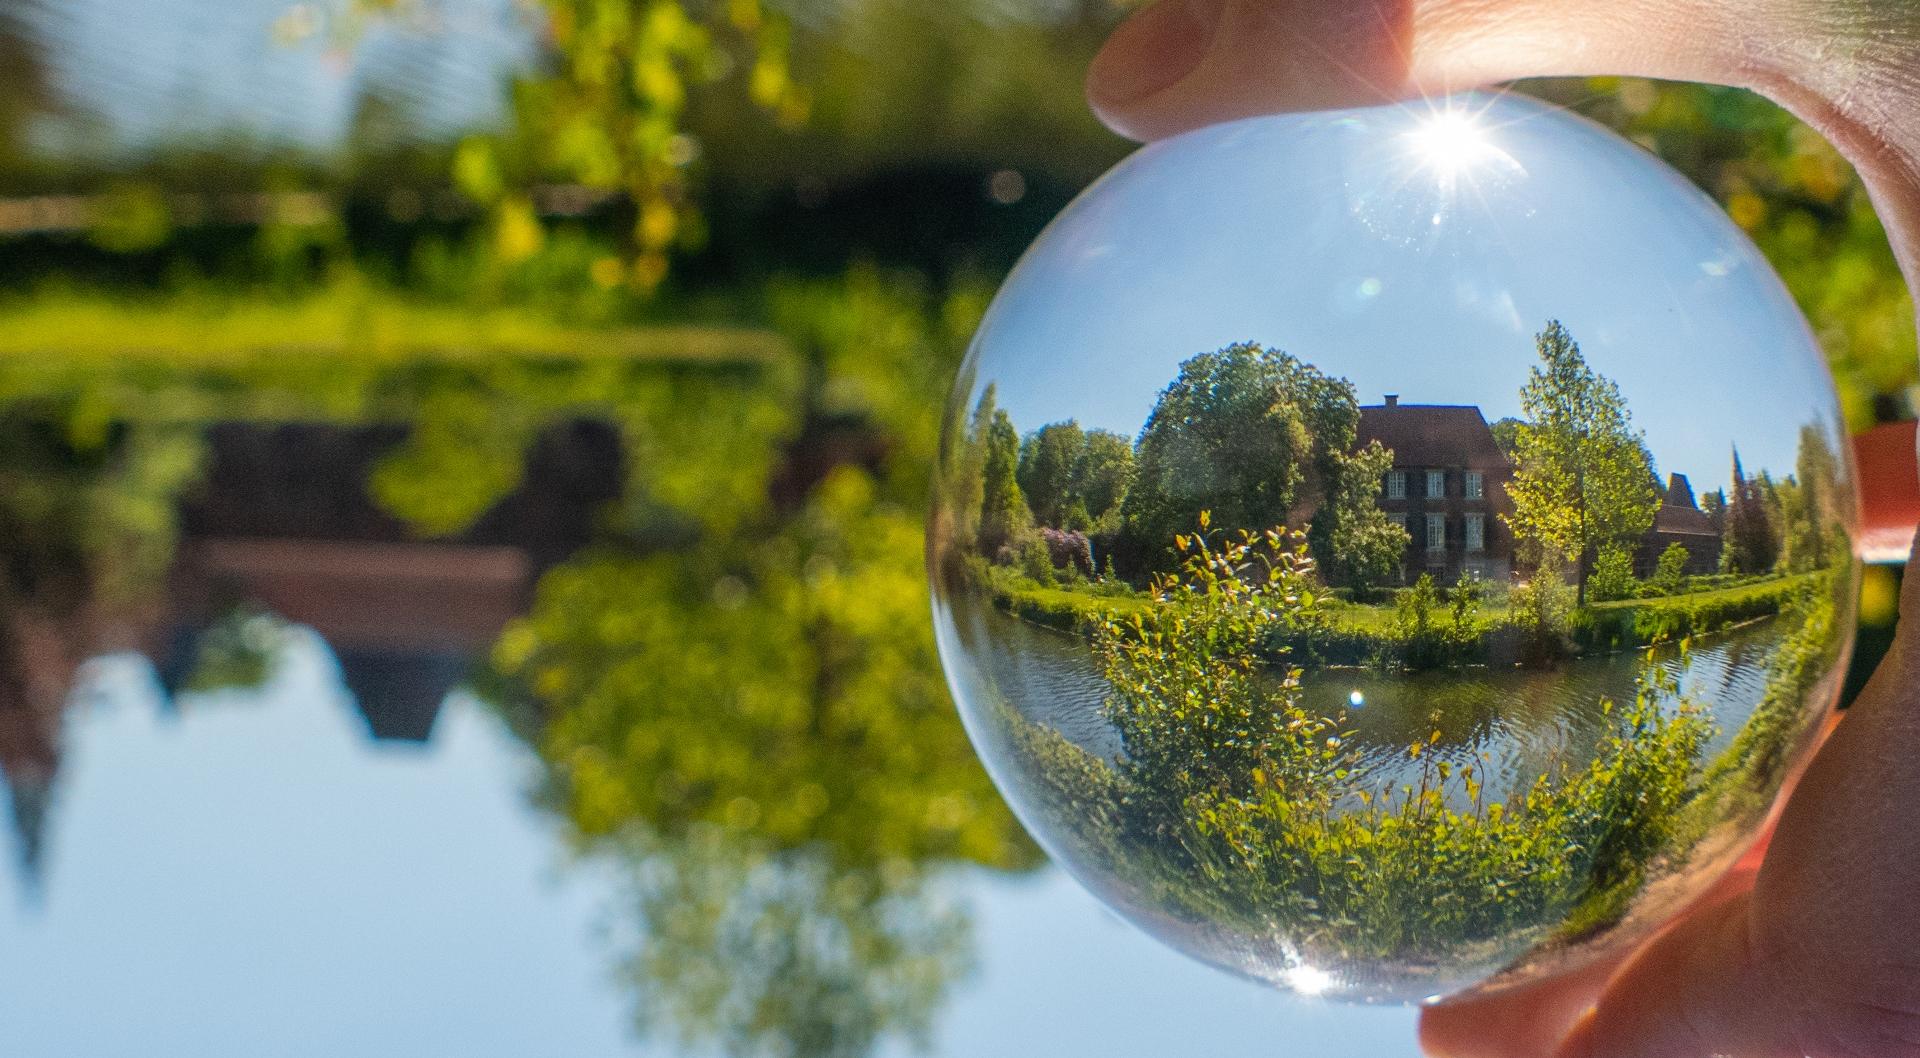 Wasserschloss Egelborg - Glaskugel